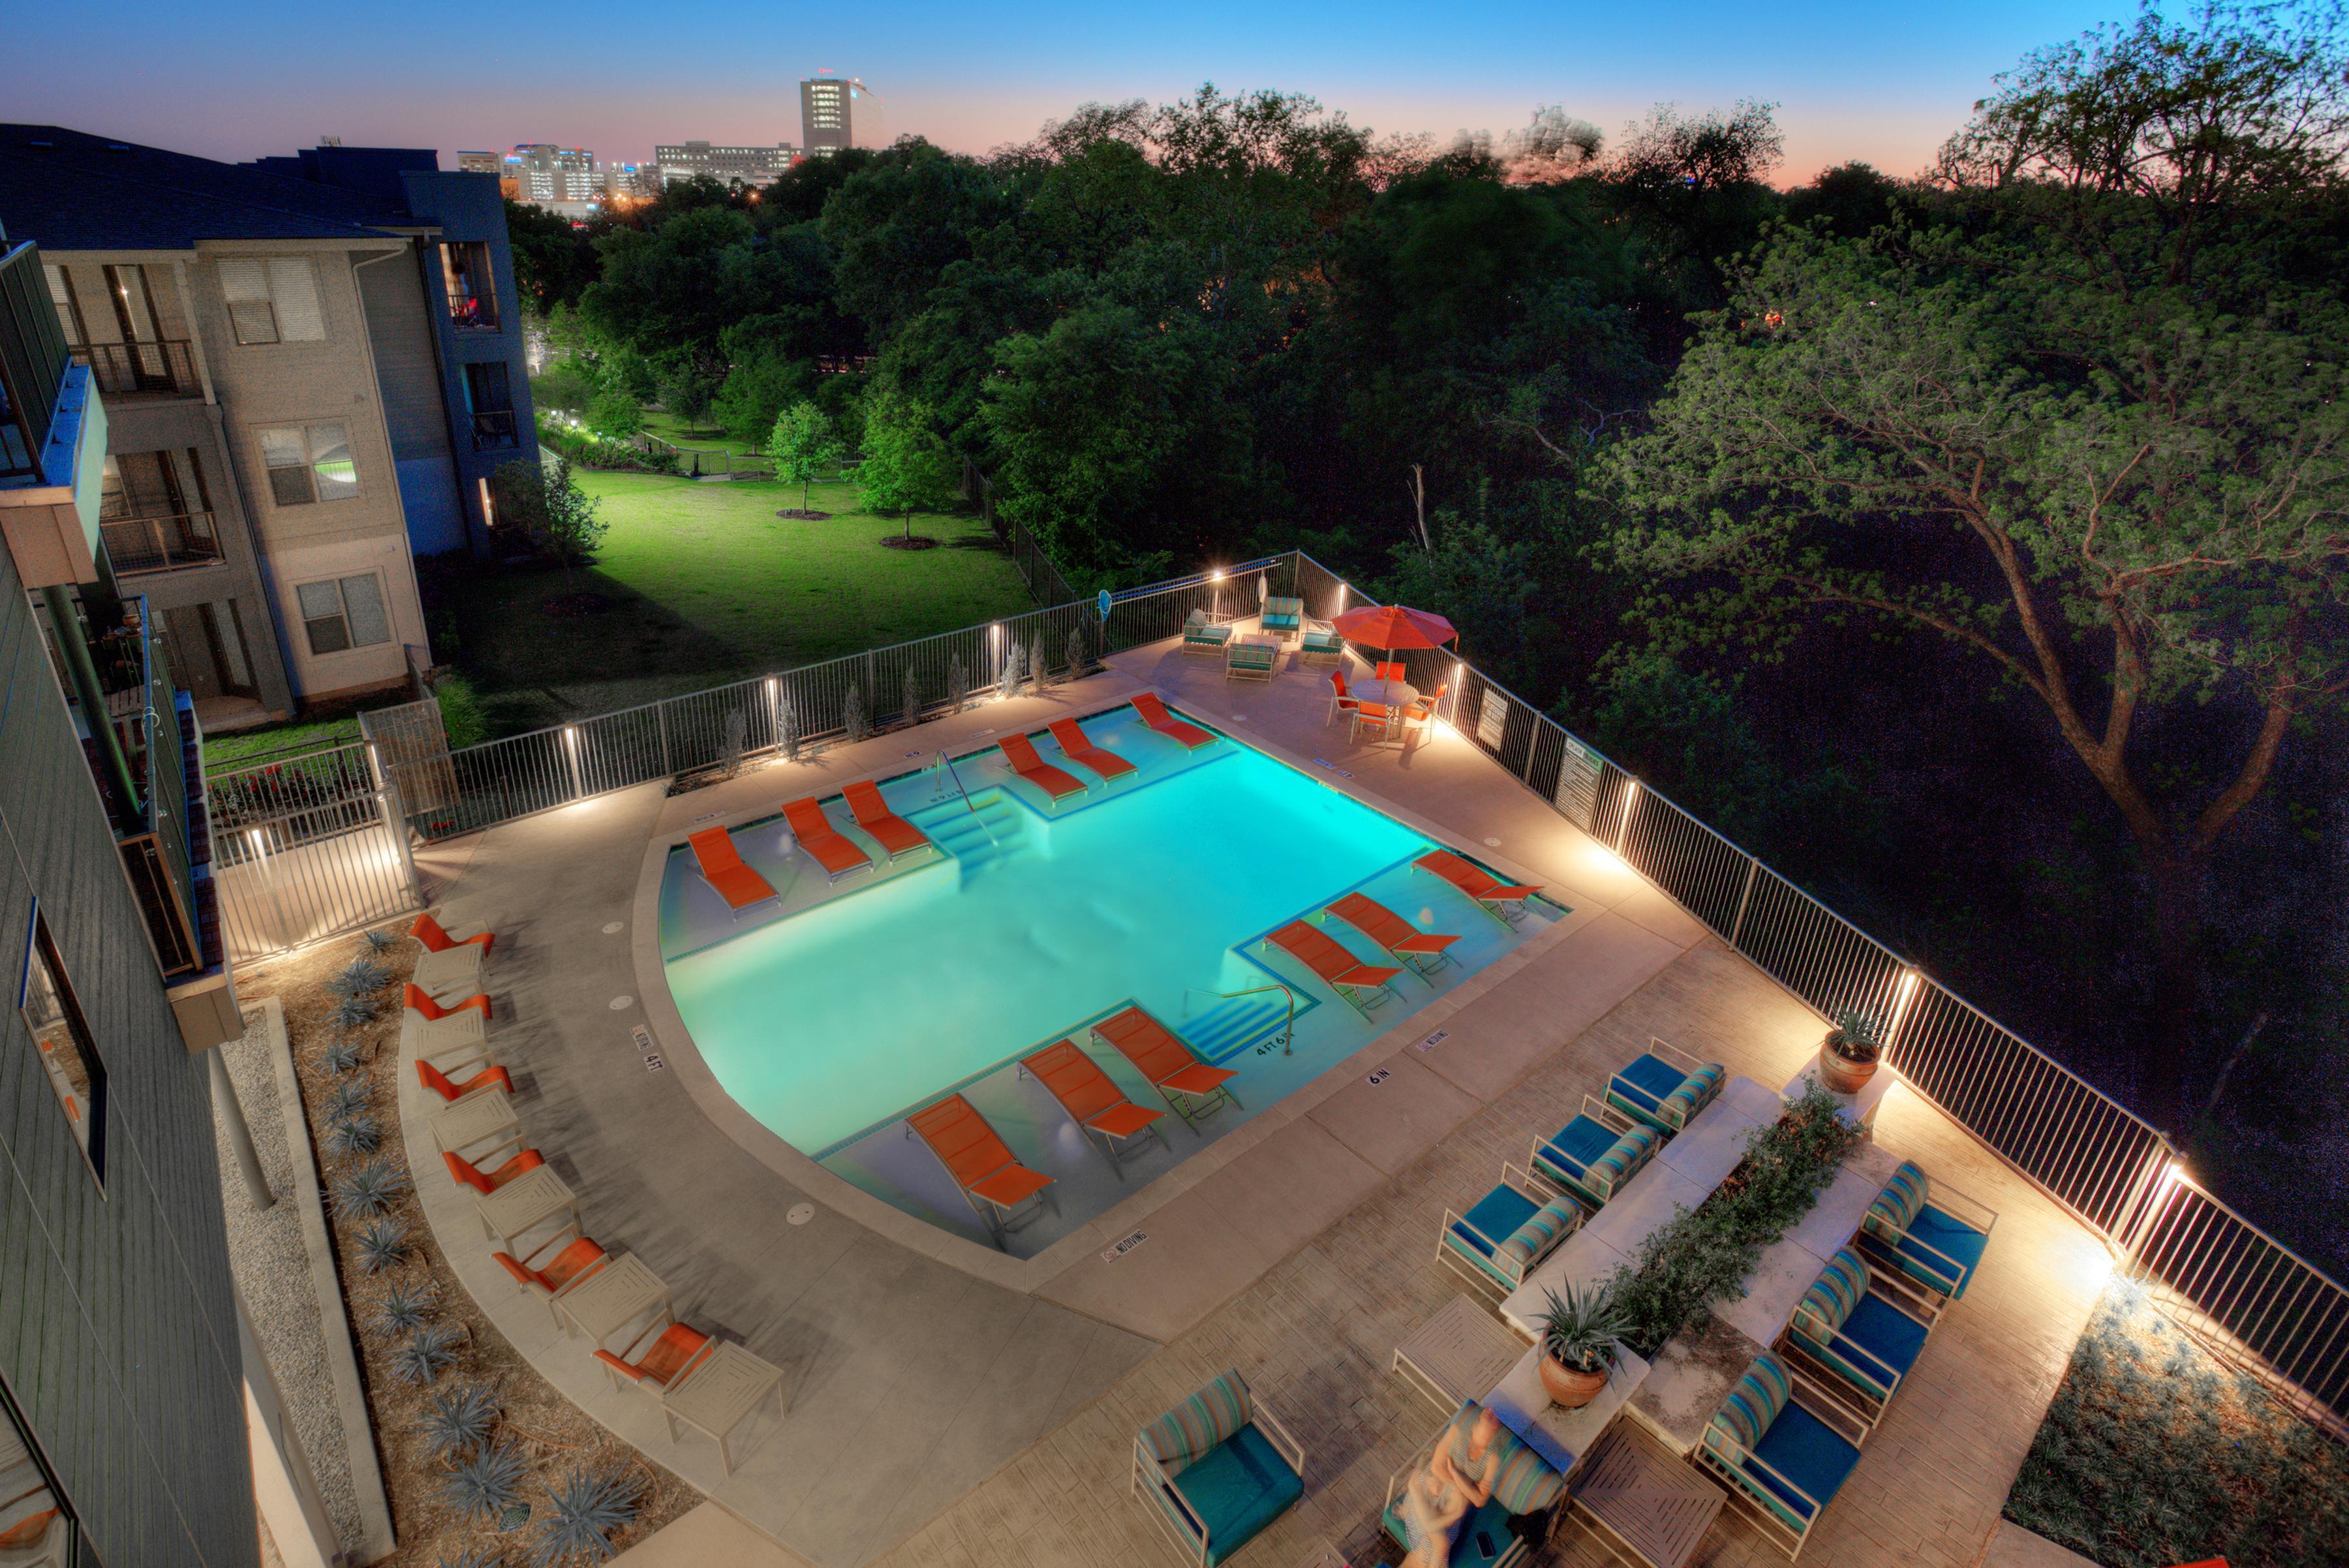 27twentyseven Dallas Apartments Dfw Apartment Nerdz